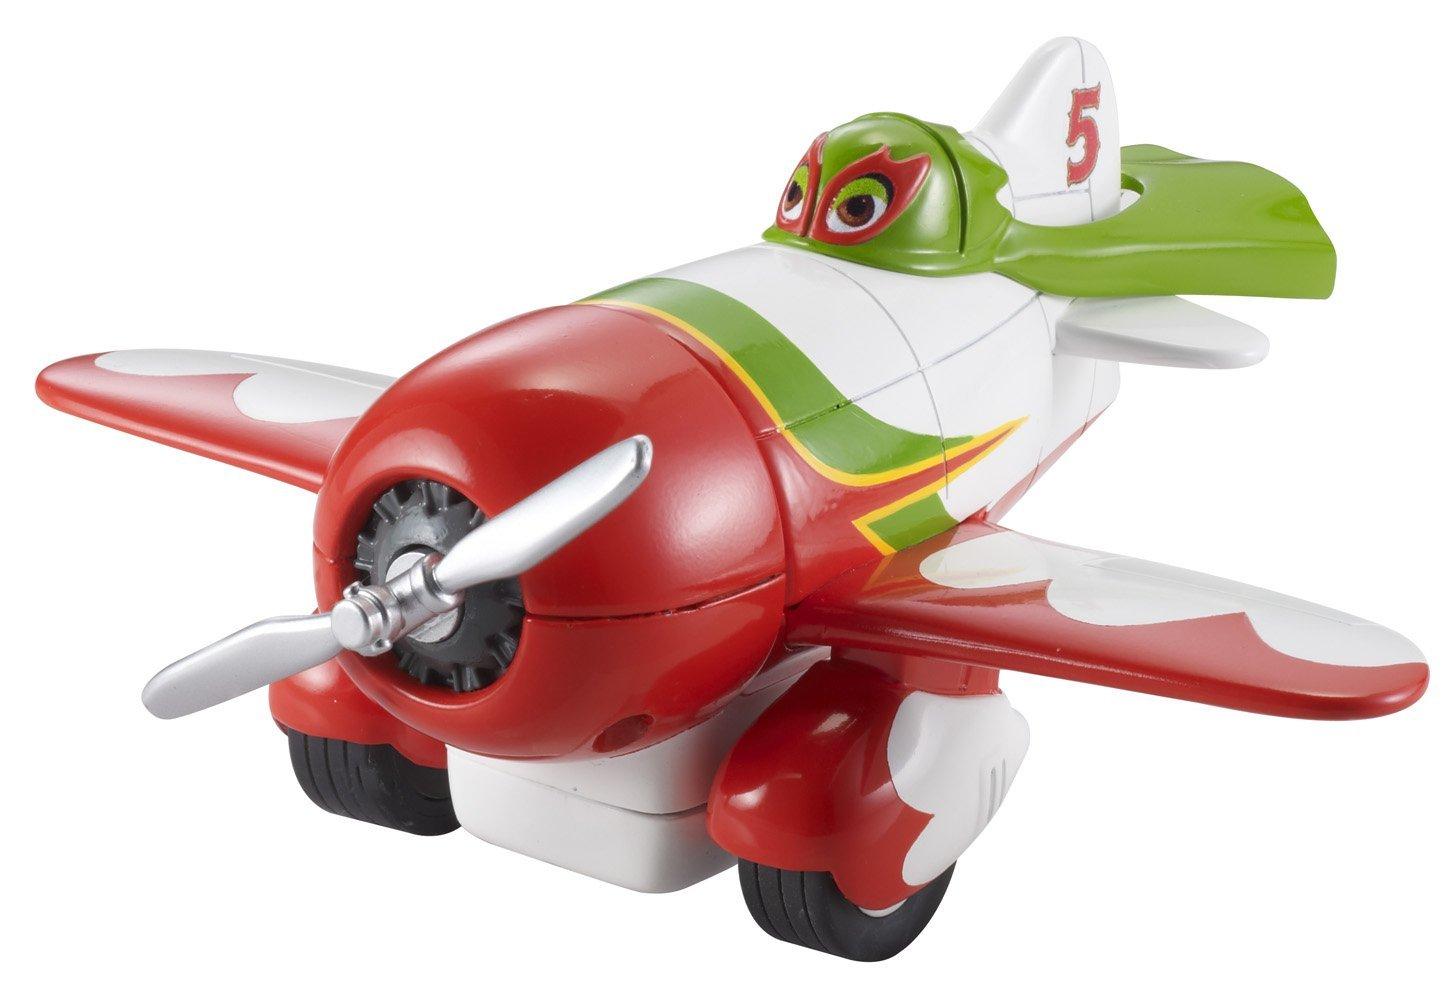 Disney Planes Pull & Fly Buddies El Chupacabra By Mattel by